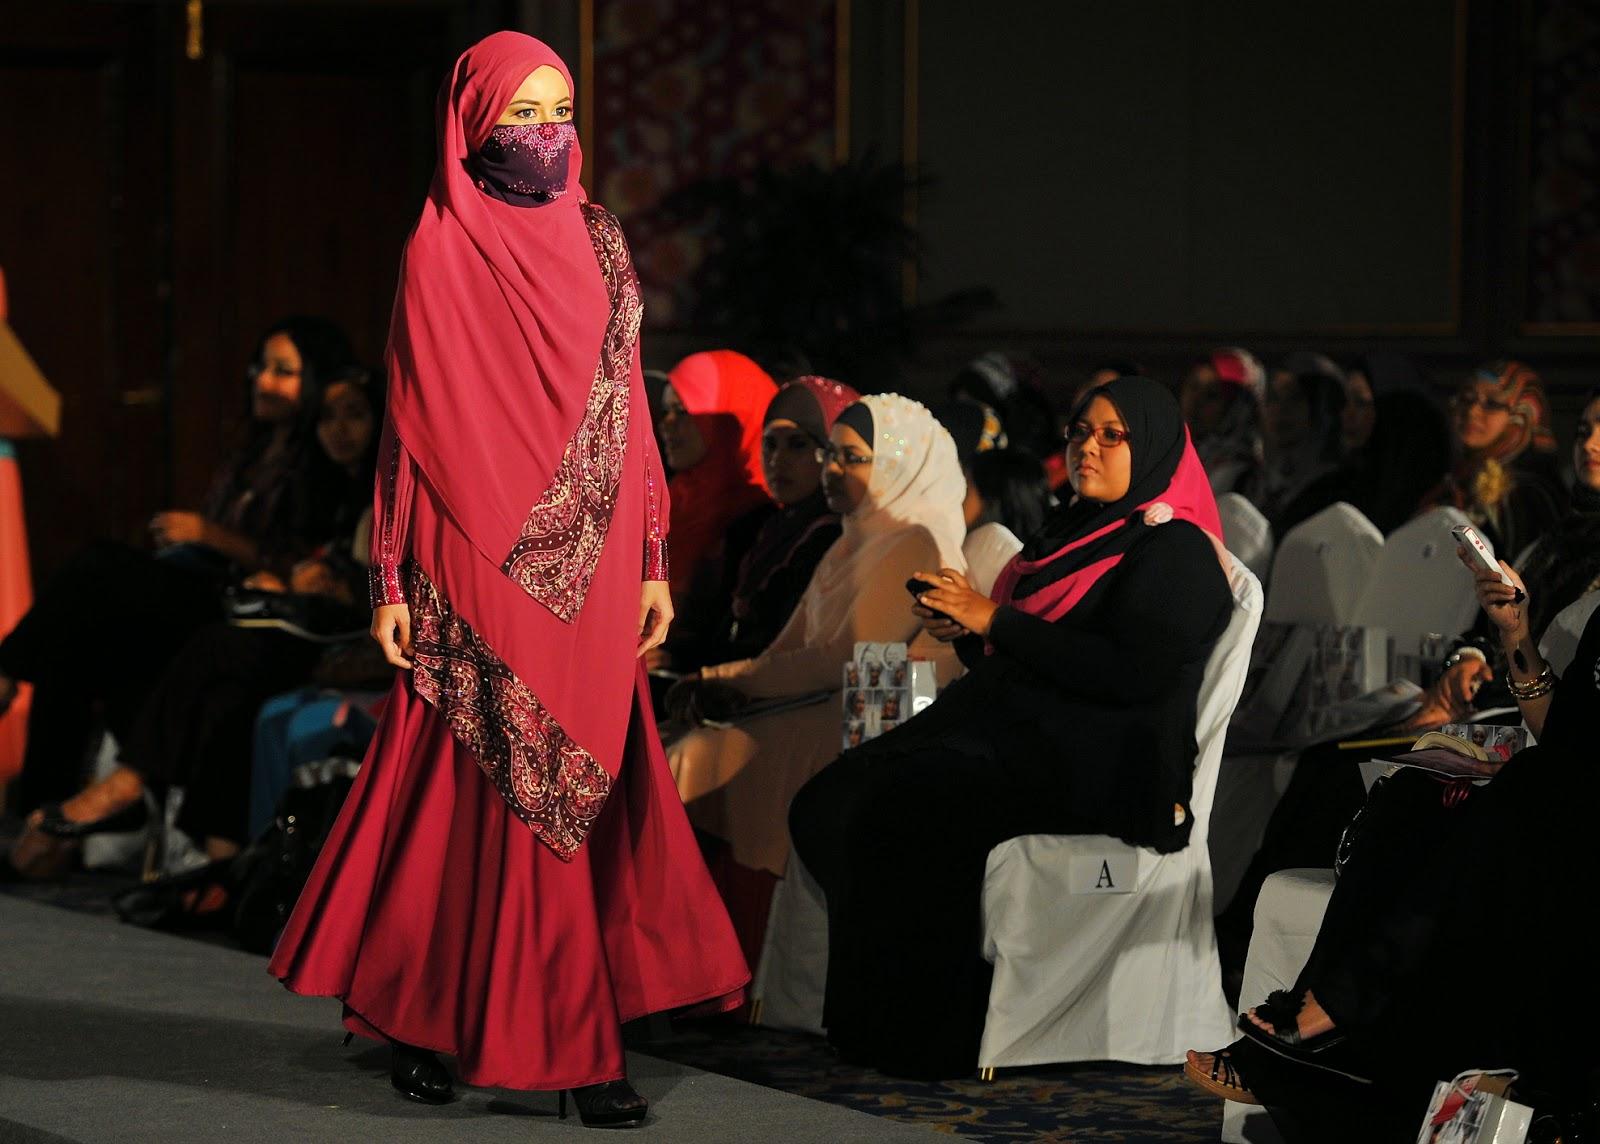 Pusat borong tudung online borong tudung instant syria shawl pashmina shawl tudung bawal Retro style fashion for muslimah